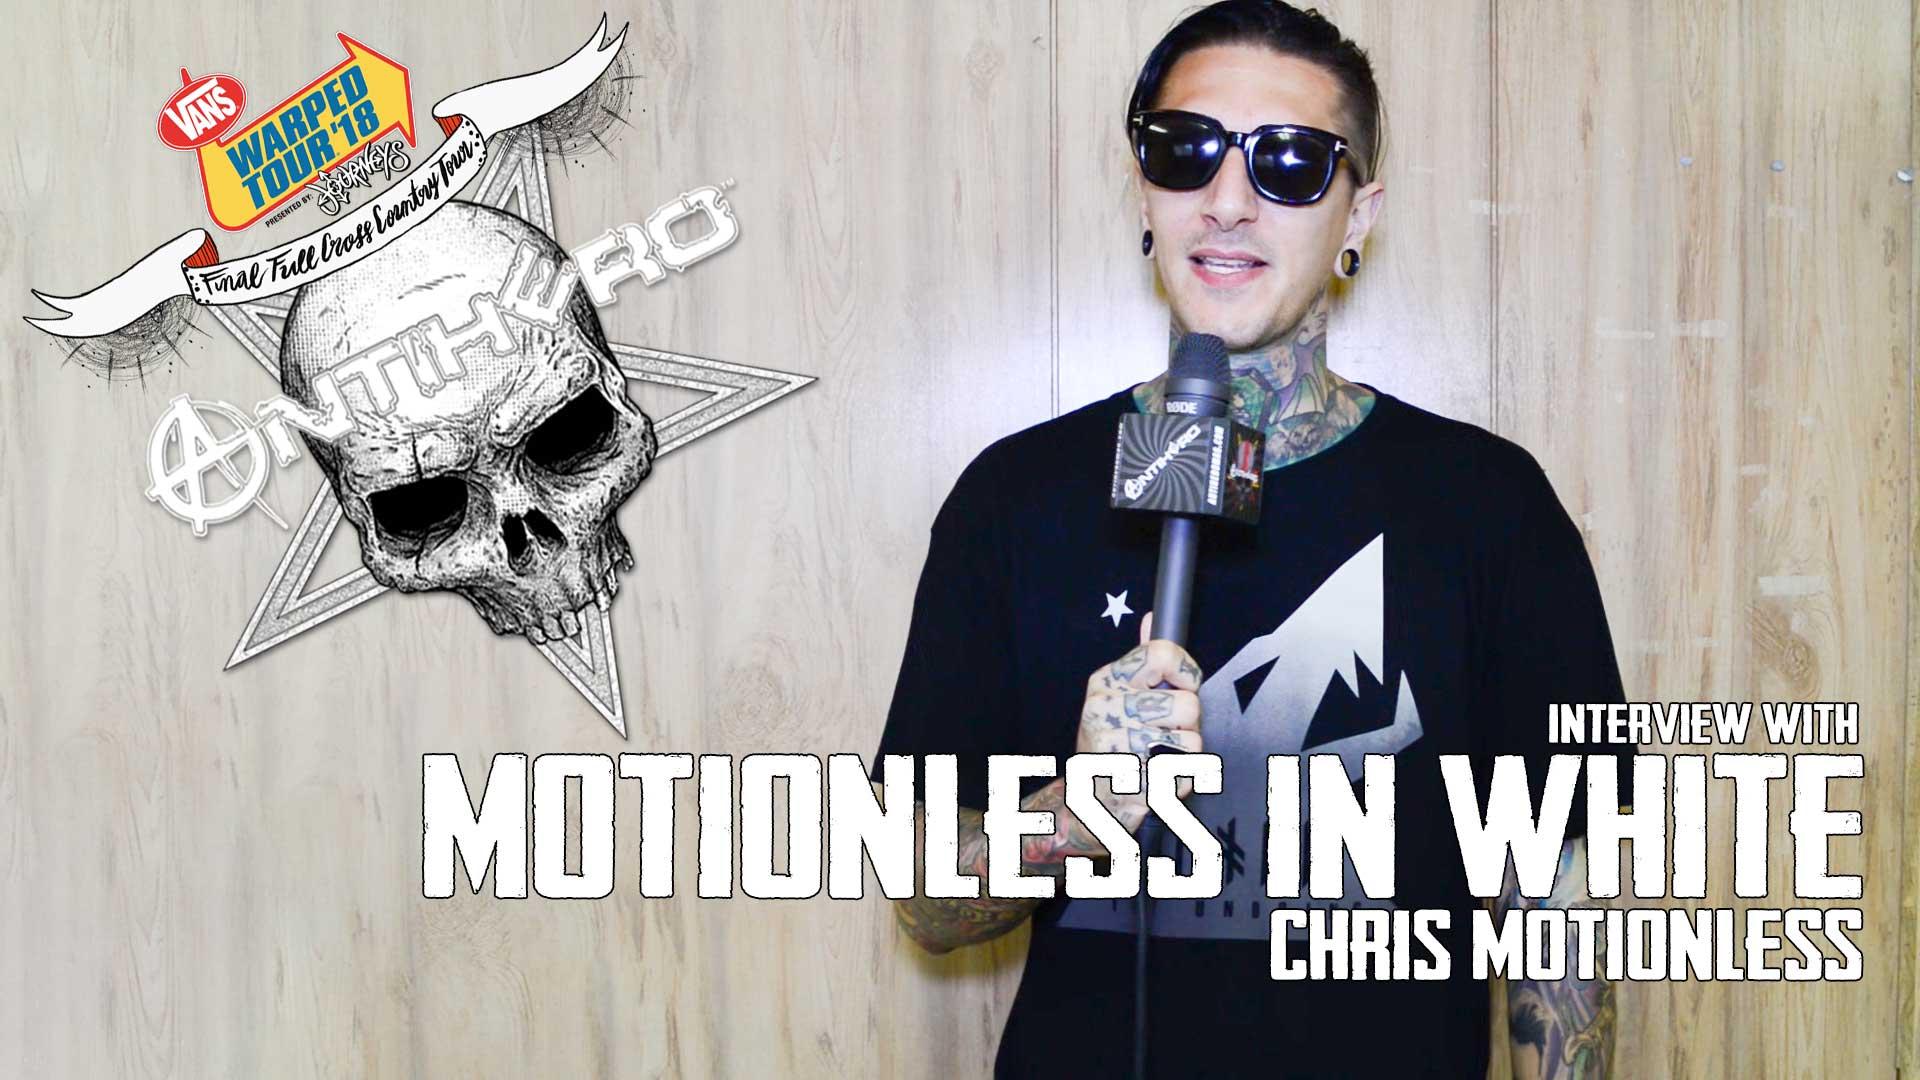 Chris Motionless 2019